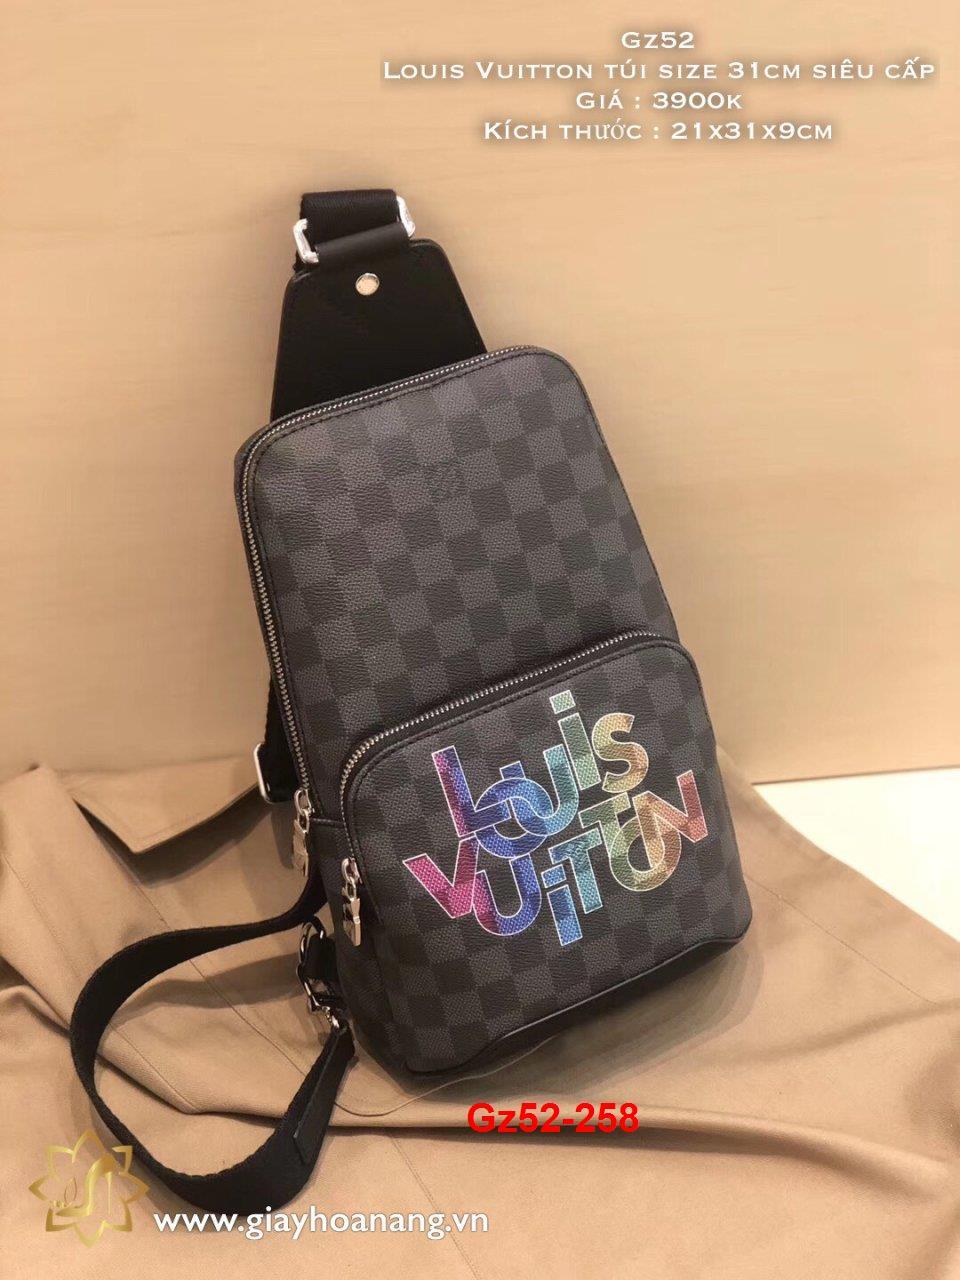 Gz52-258 Louis Vuitton túi size 31cm siêu cấp